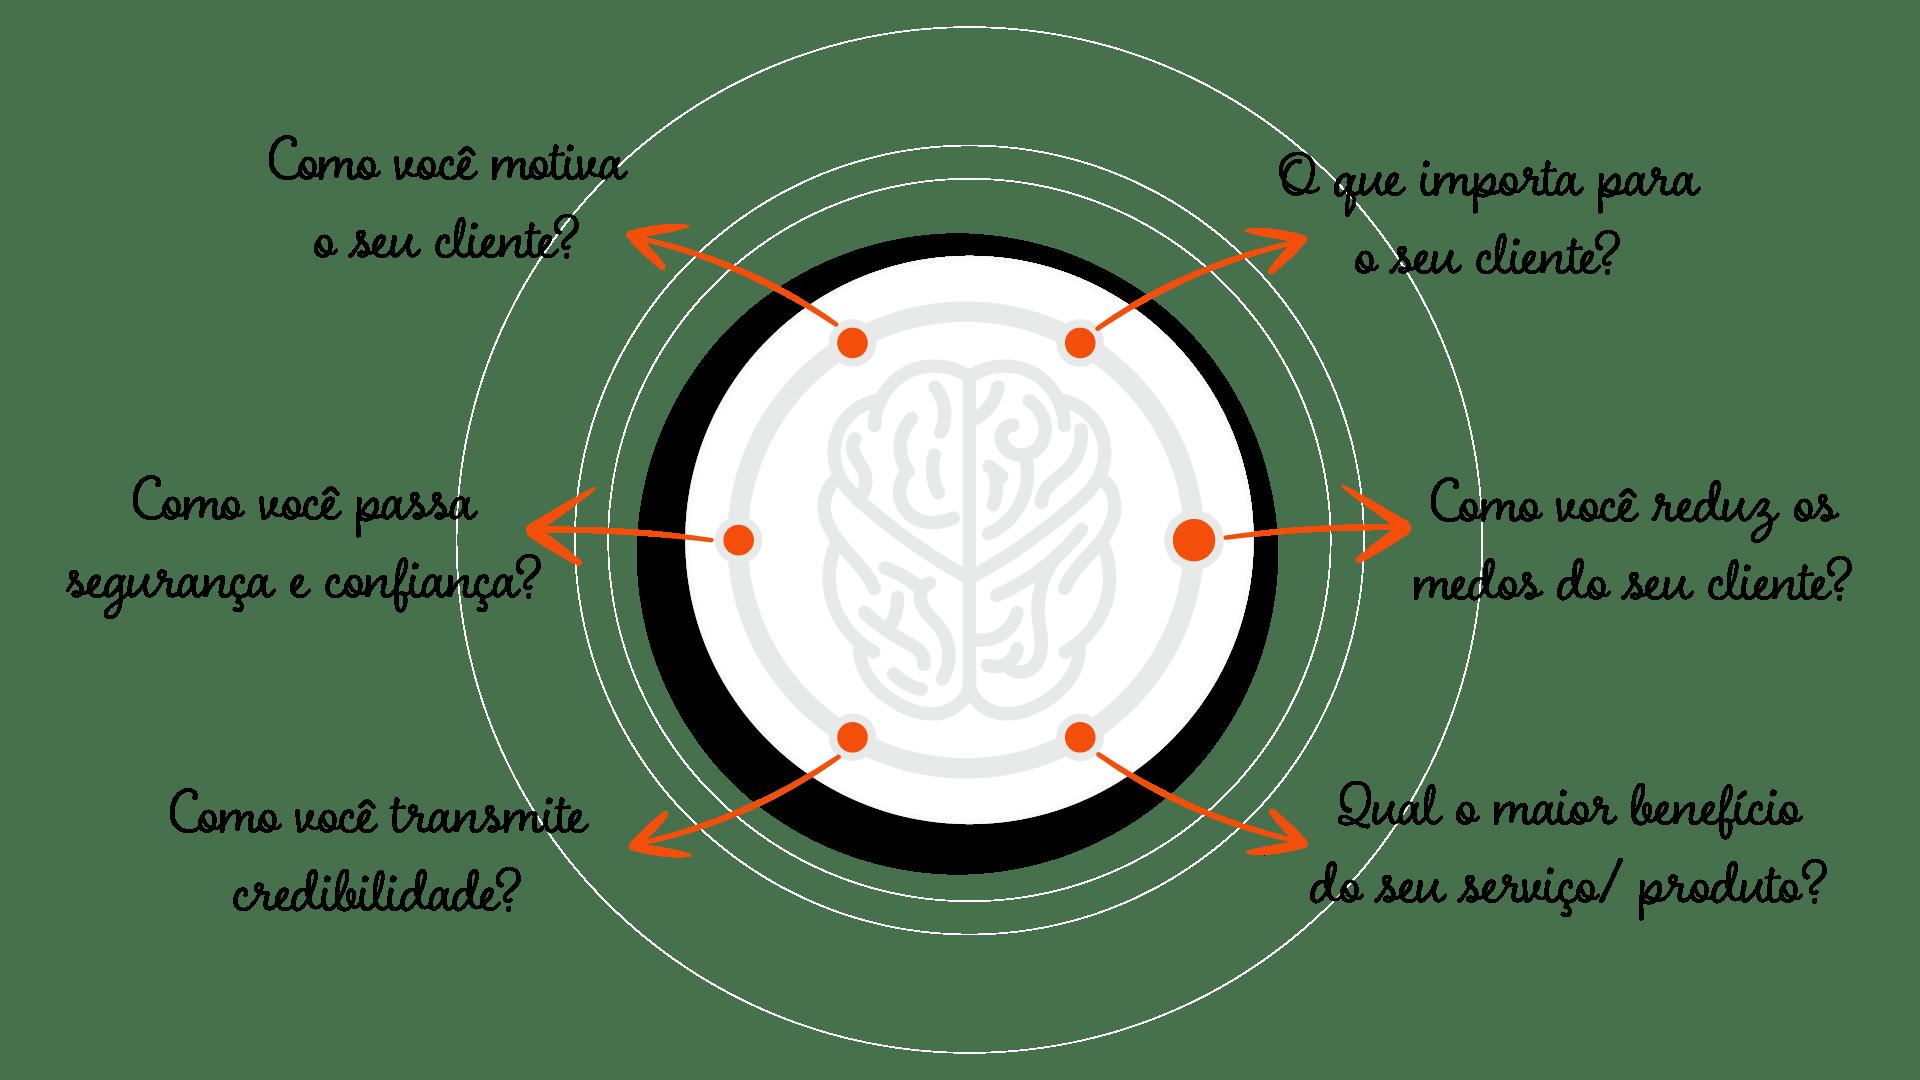 curso de neuromarketingquestionamentos